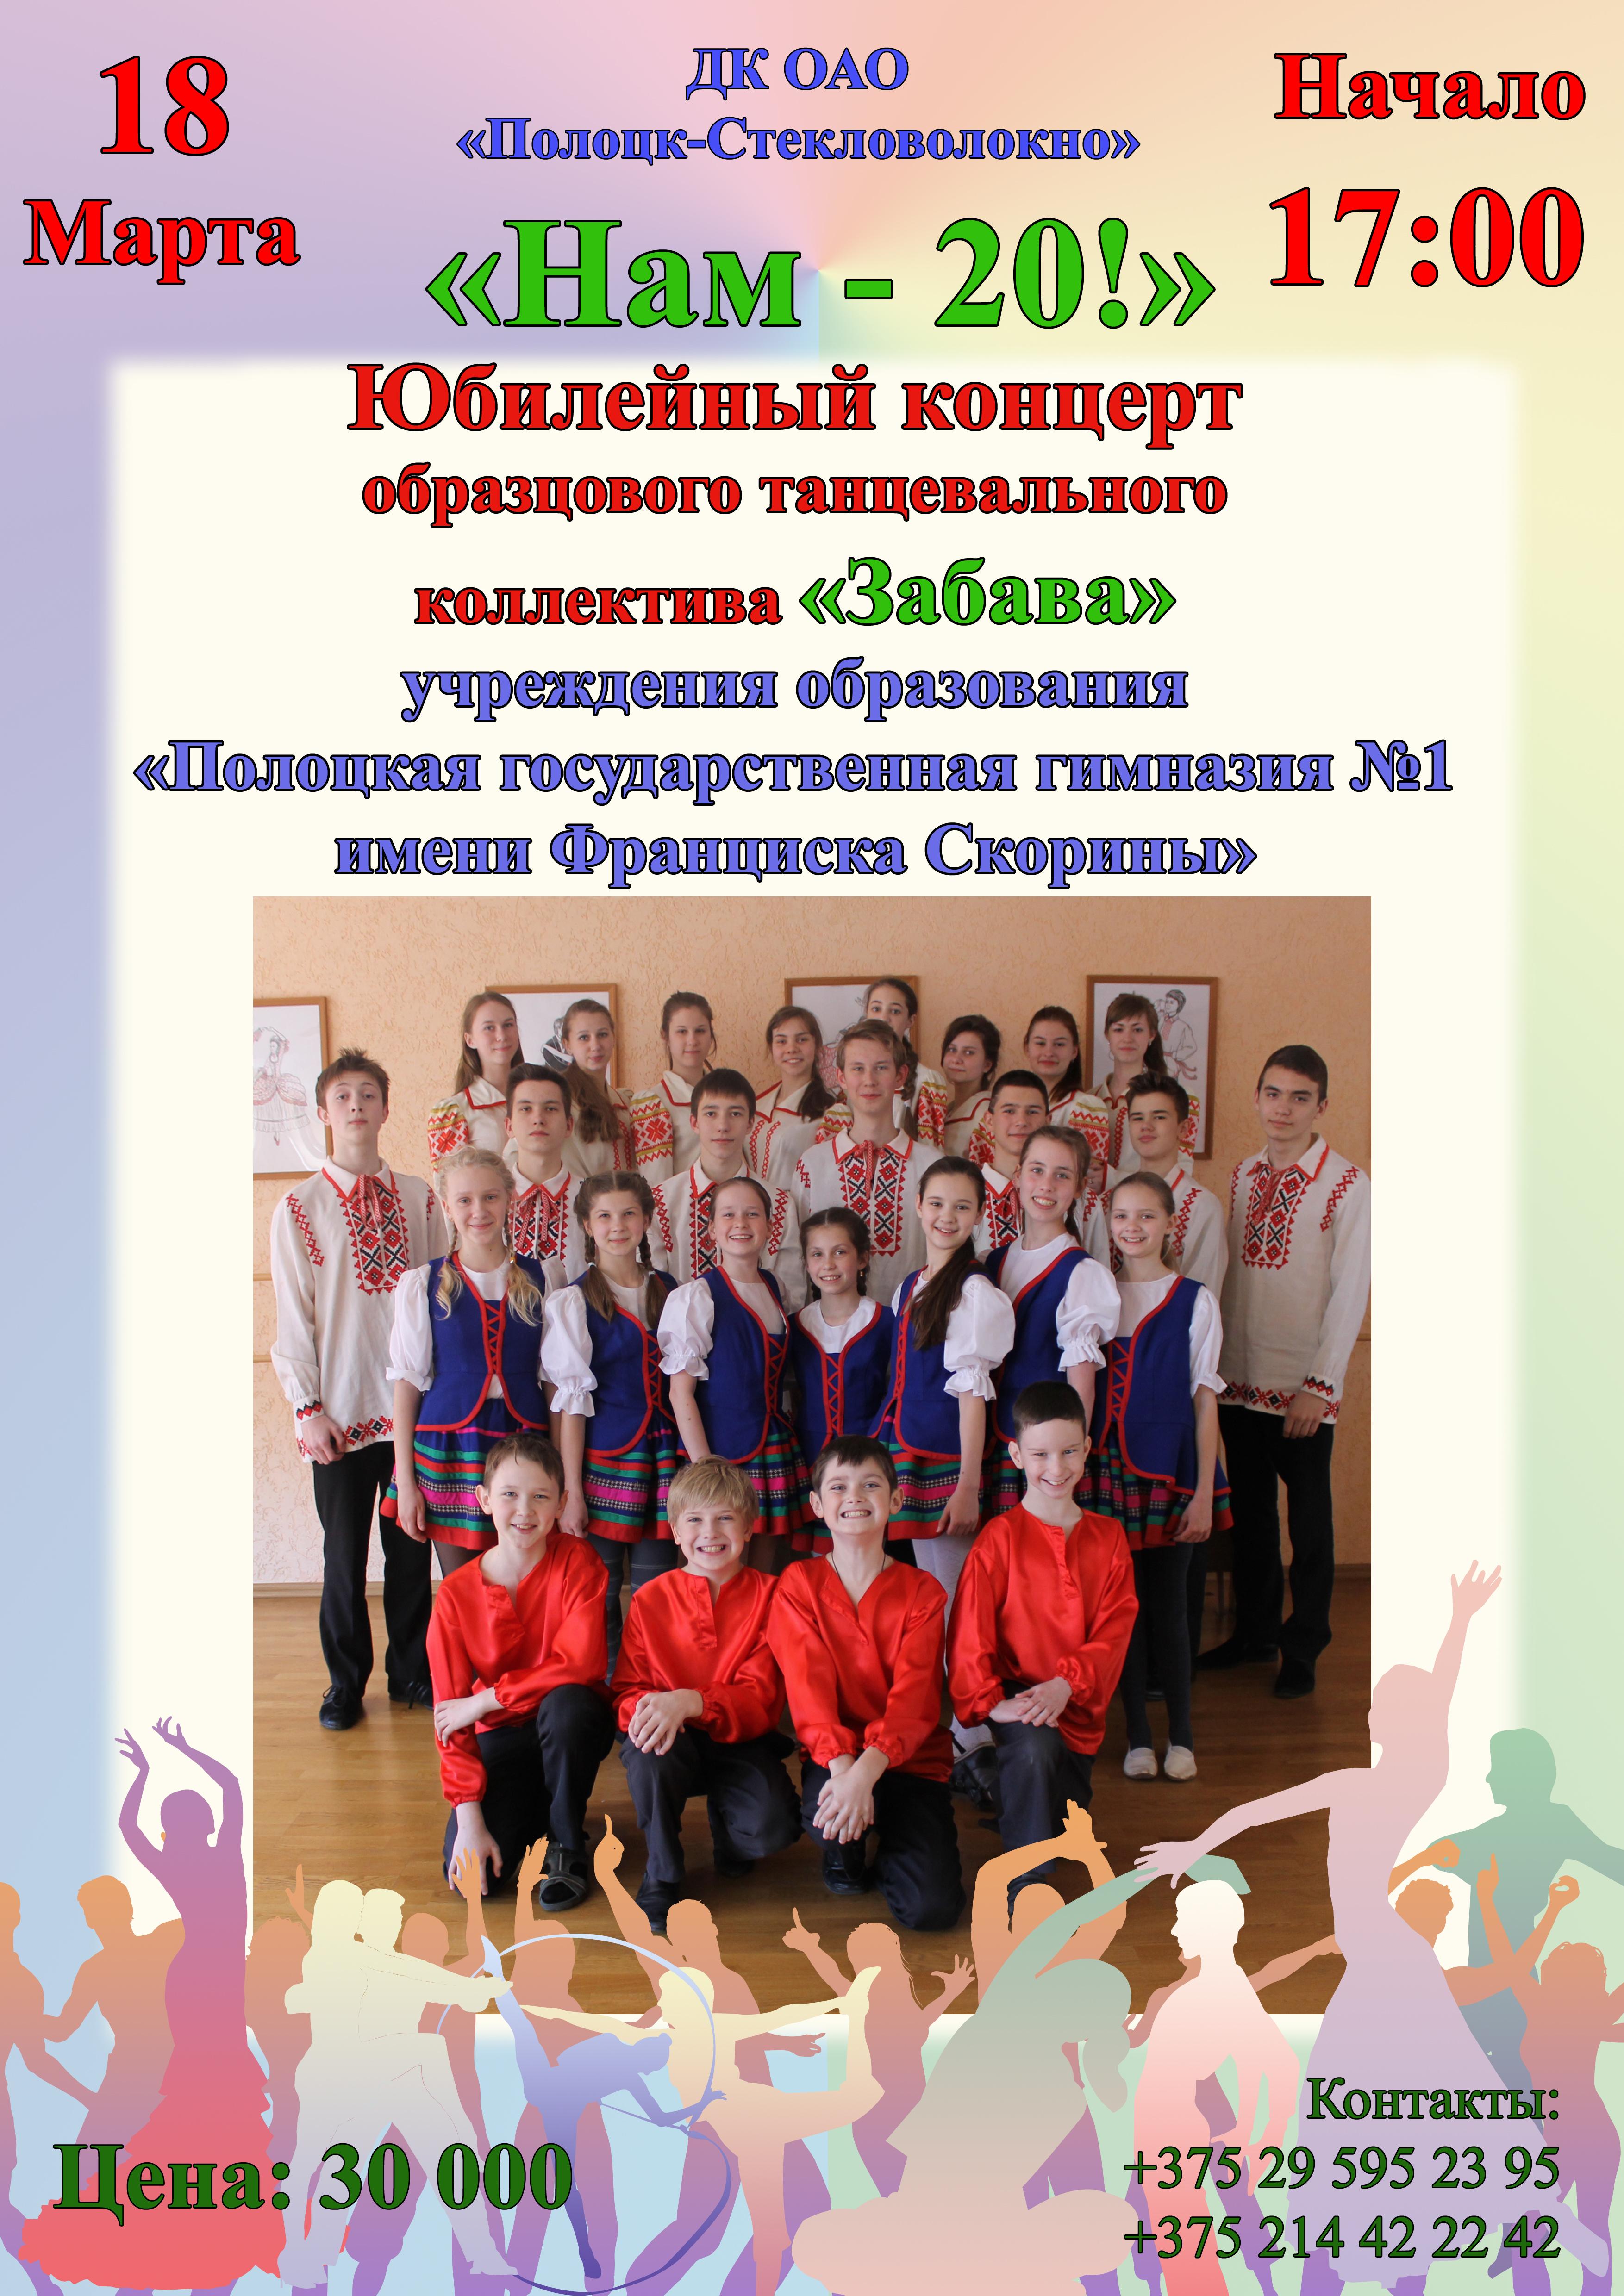 18 марта юбилейный концерт танцевального коллектива